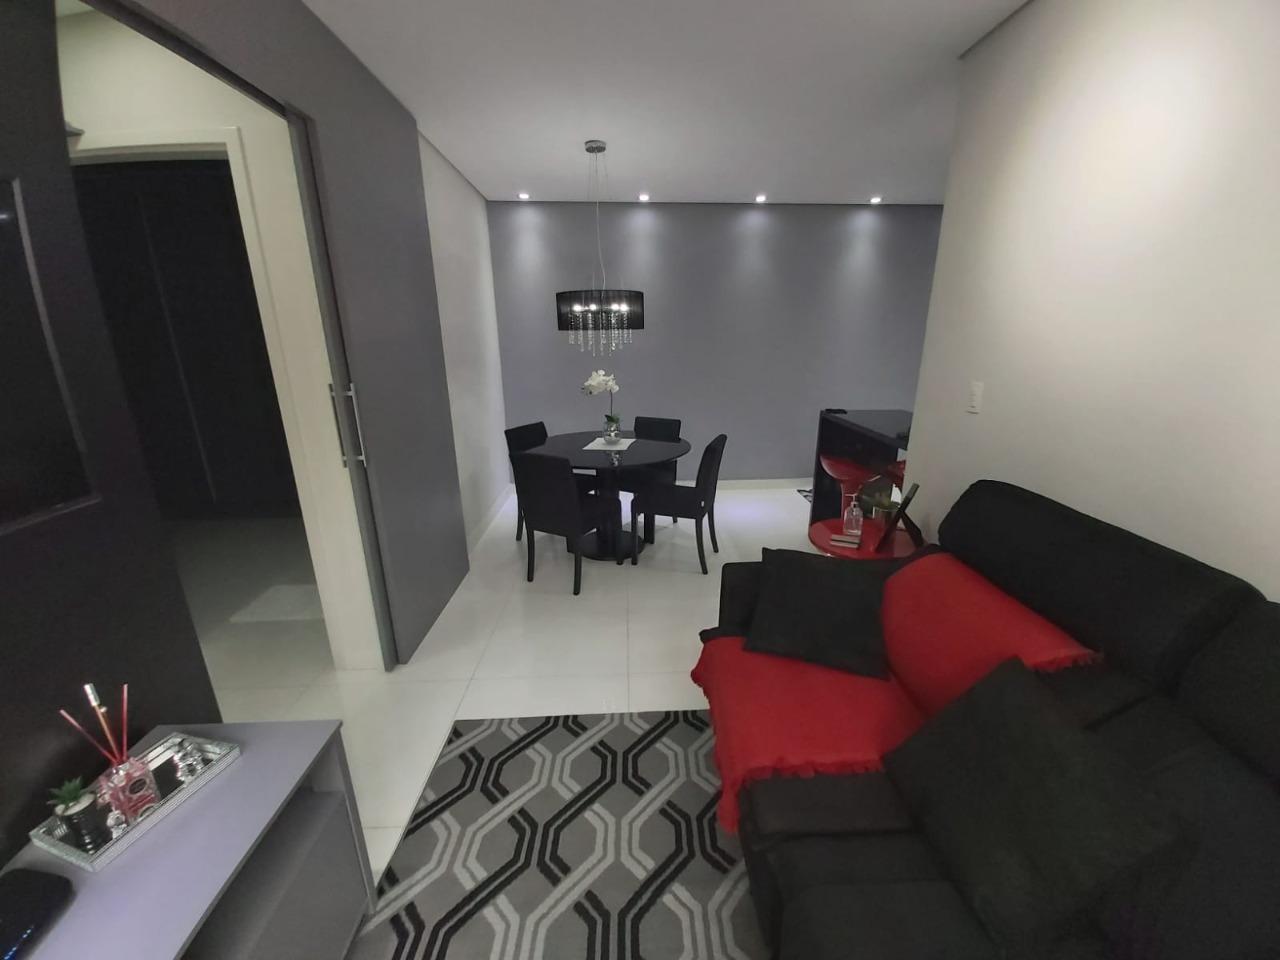 Apartamento para comprar, 2 quartos, 1 vaga, no bairro Parque São Matheus em Piracicaba - SP